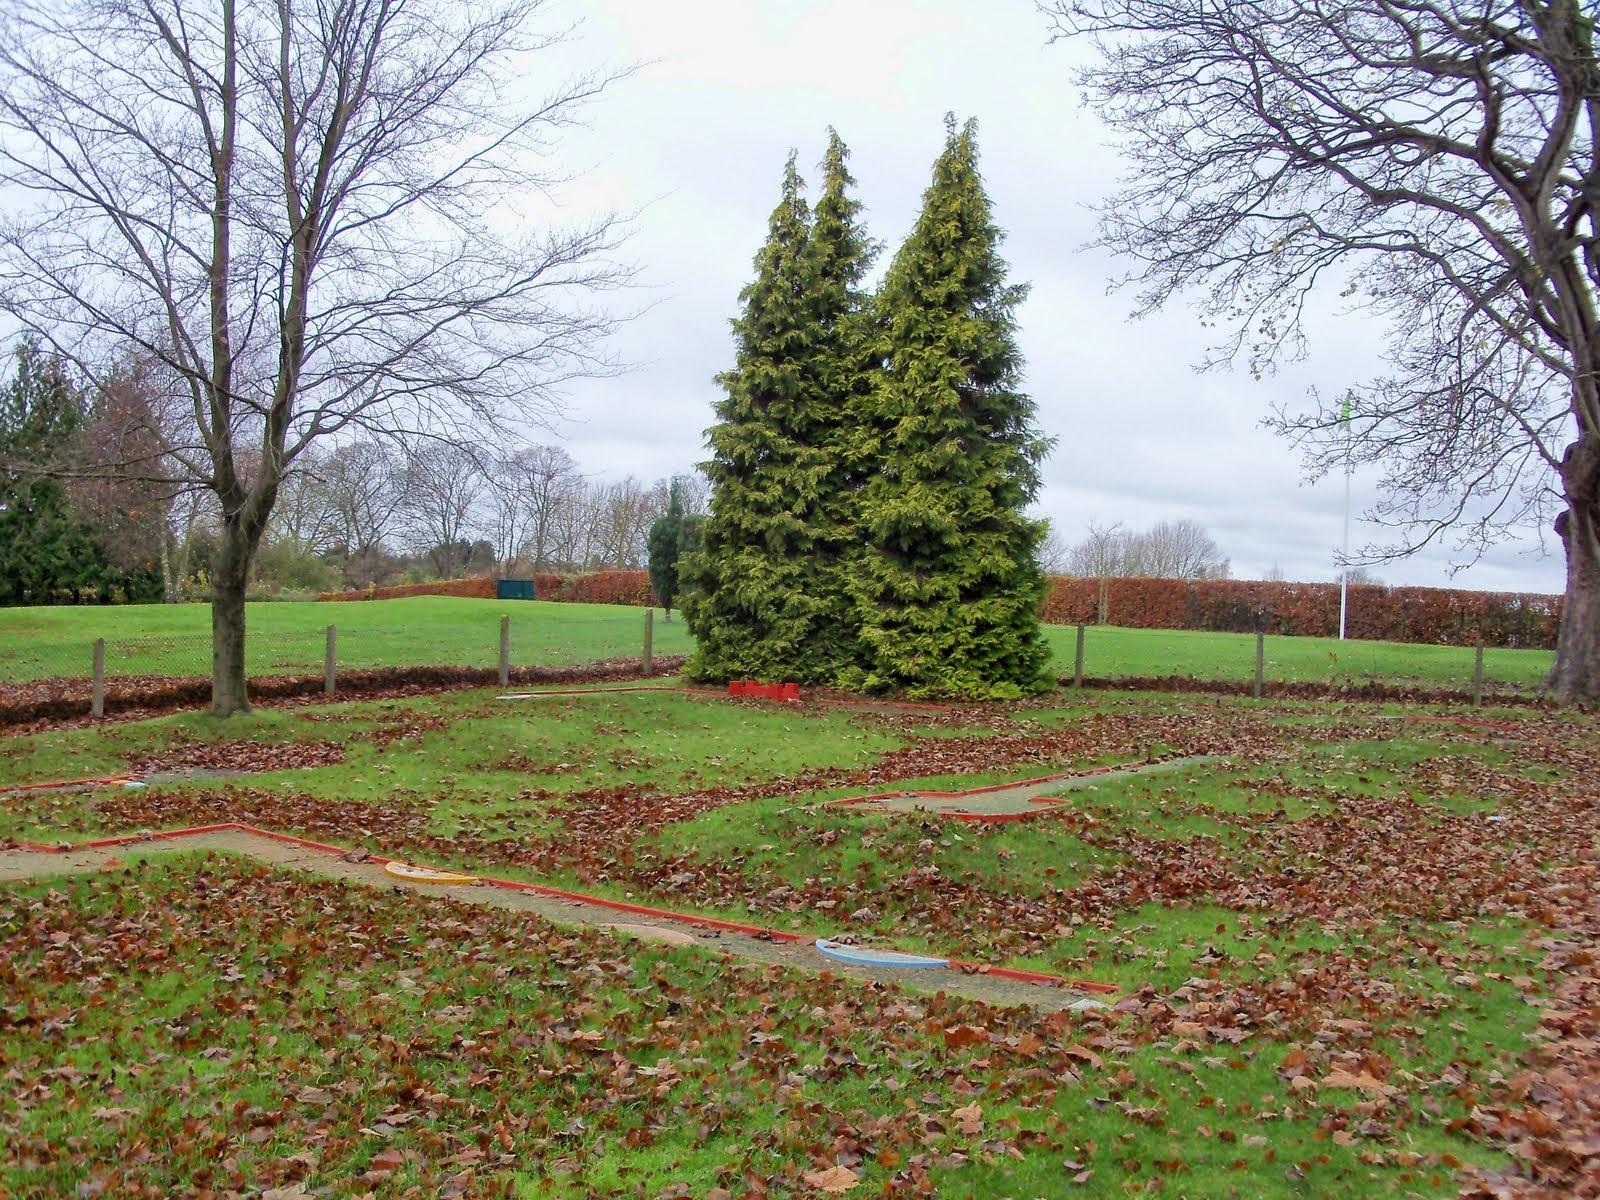 An Autumn/Winter look to the Crazy Golf course Wardown Park, Luton in November 2011